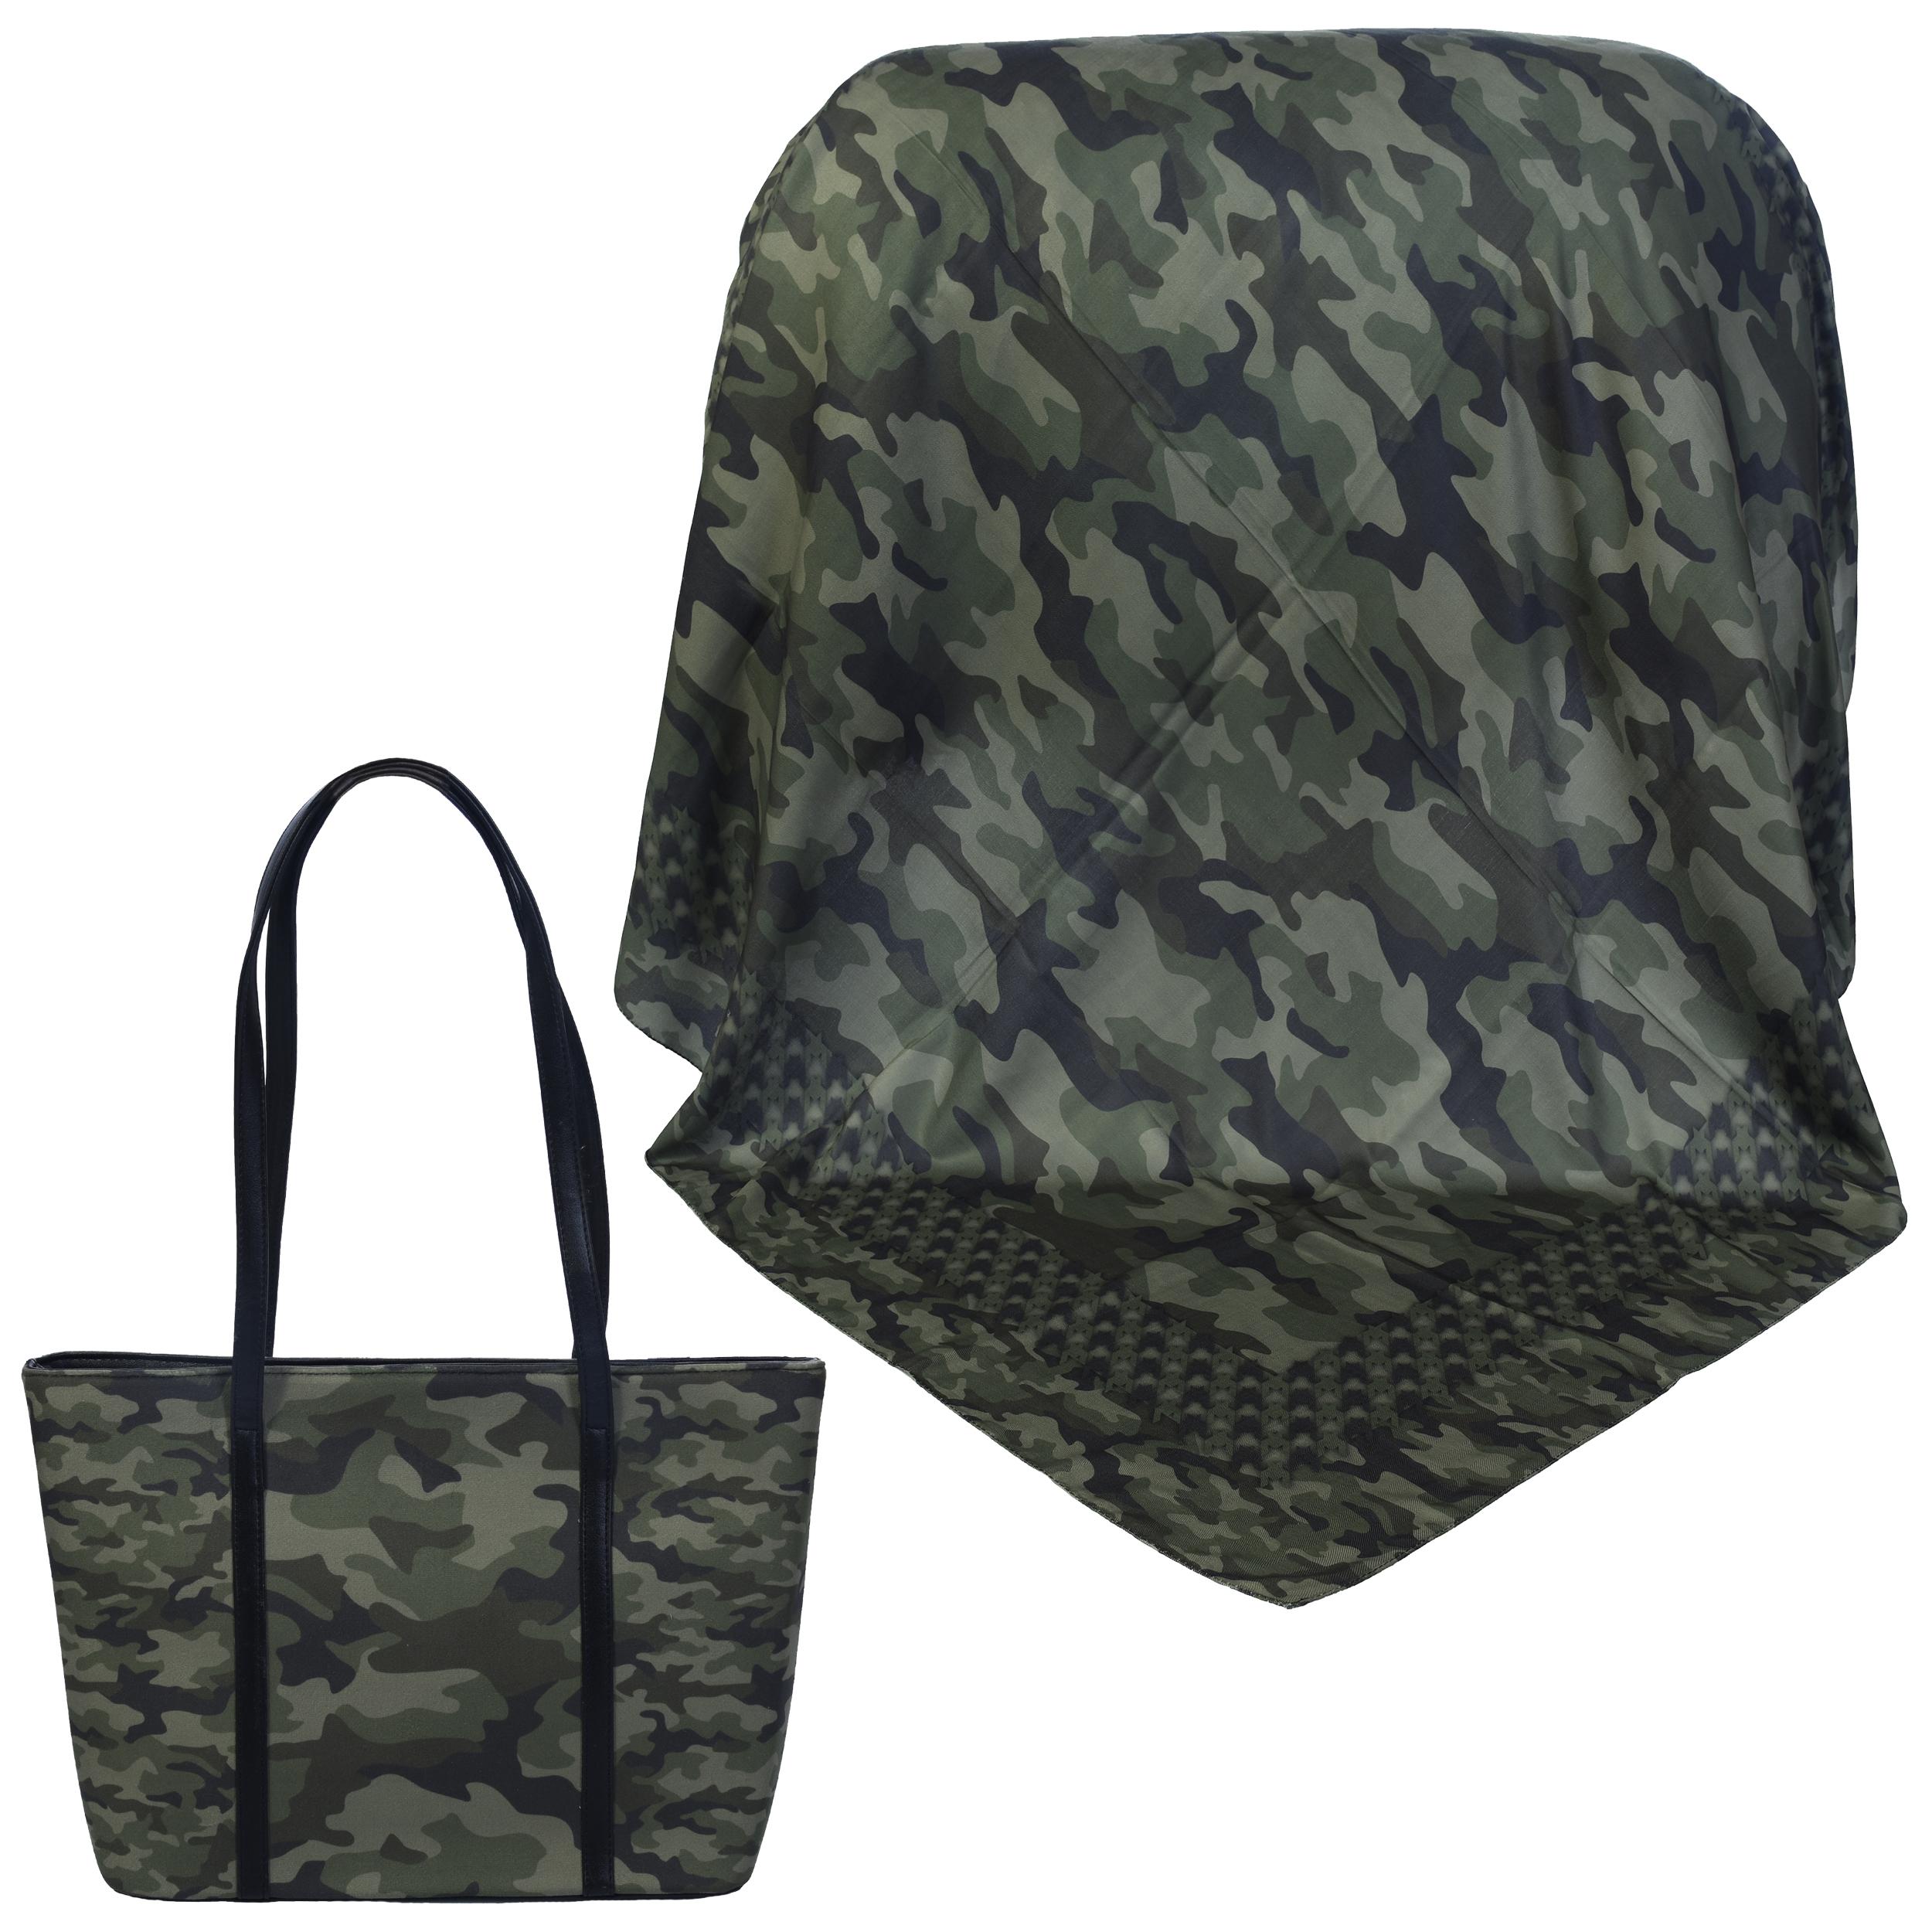 ست کیف و روسری زنانه کد 980907-T1